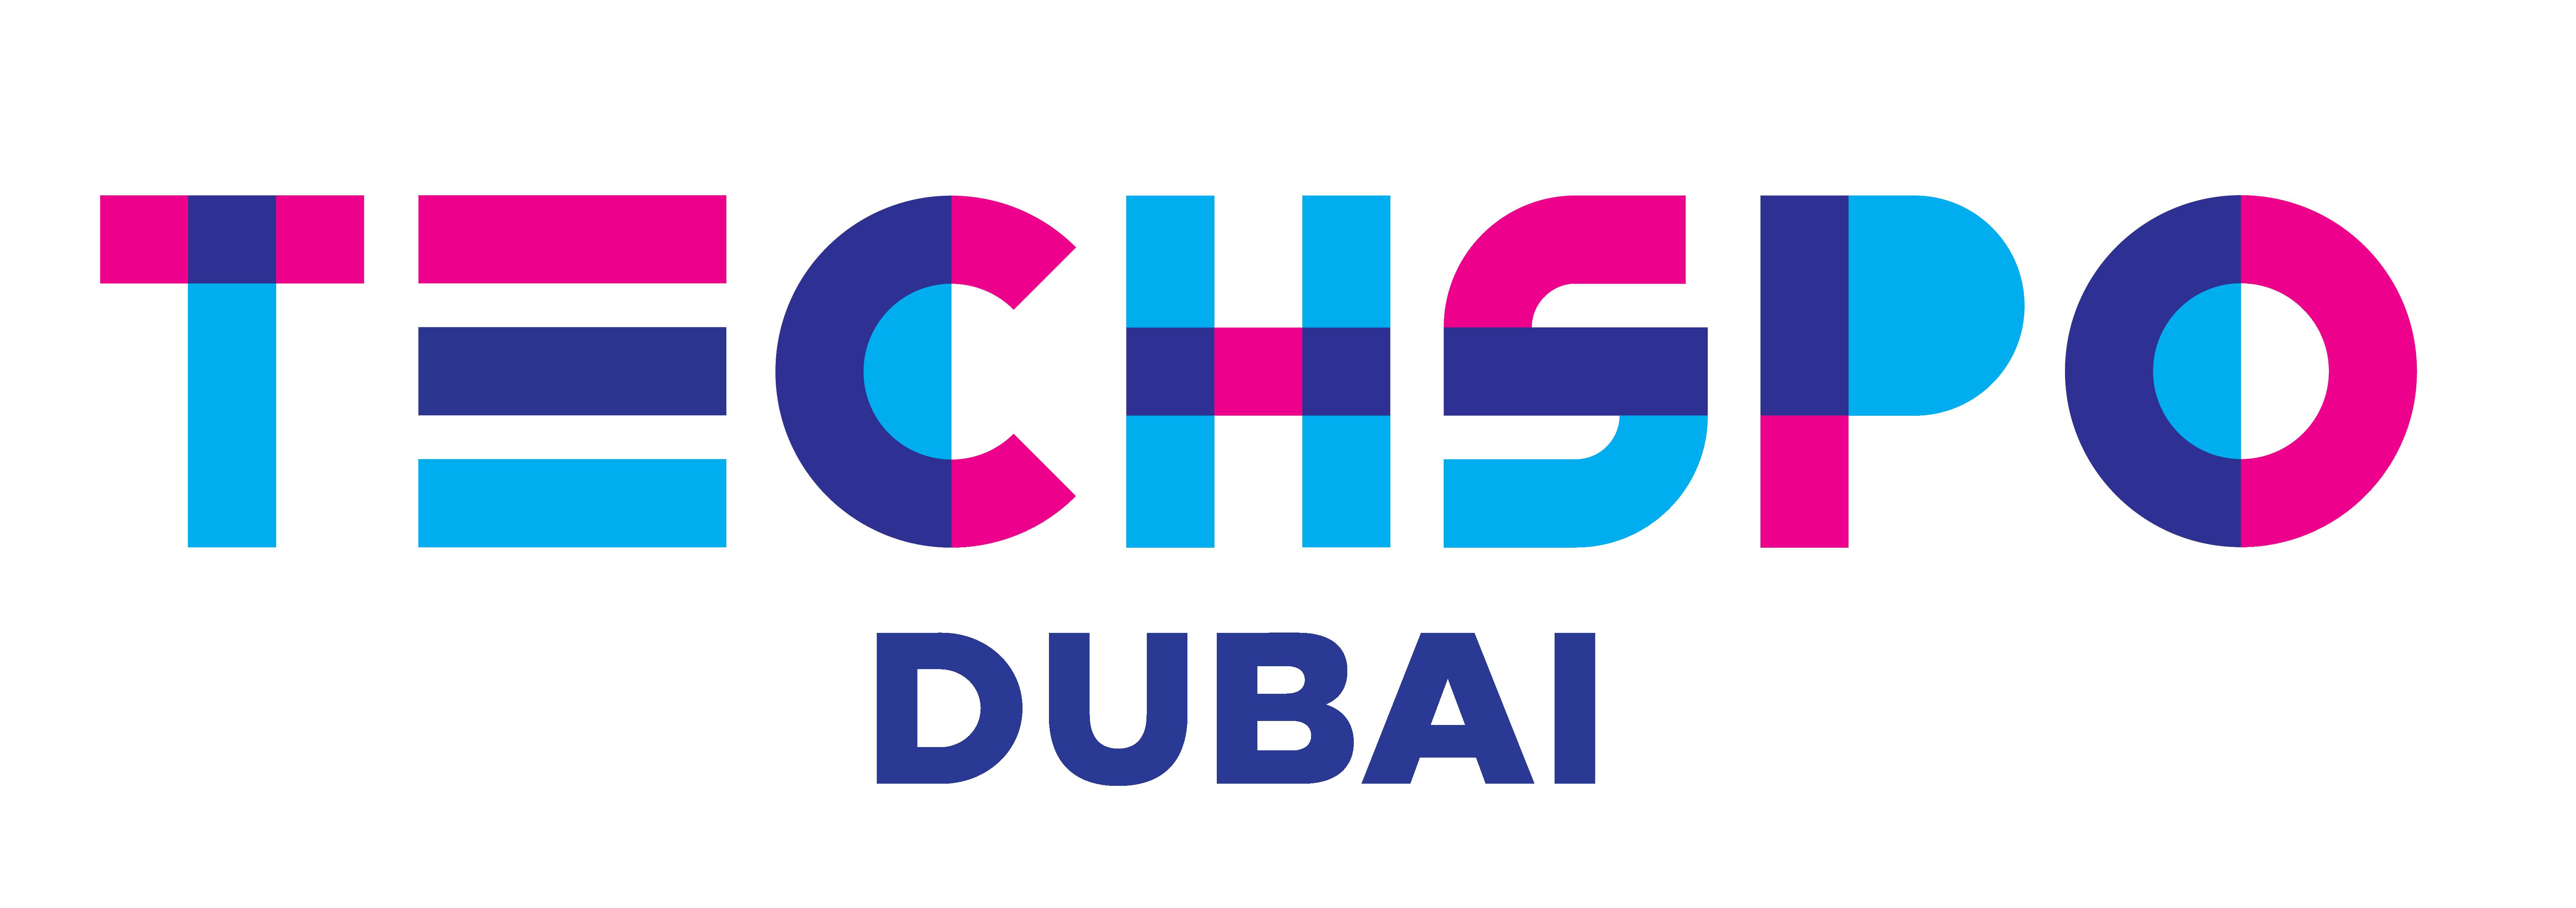 TECHSPO Dubai